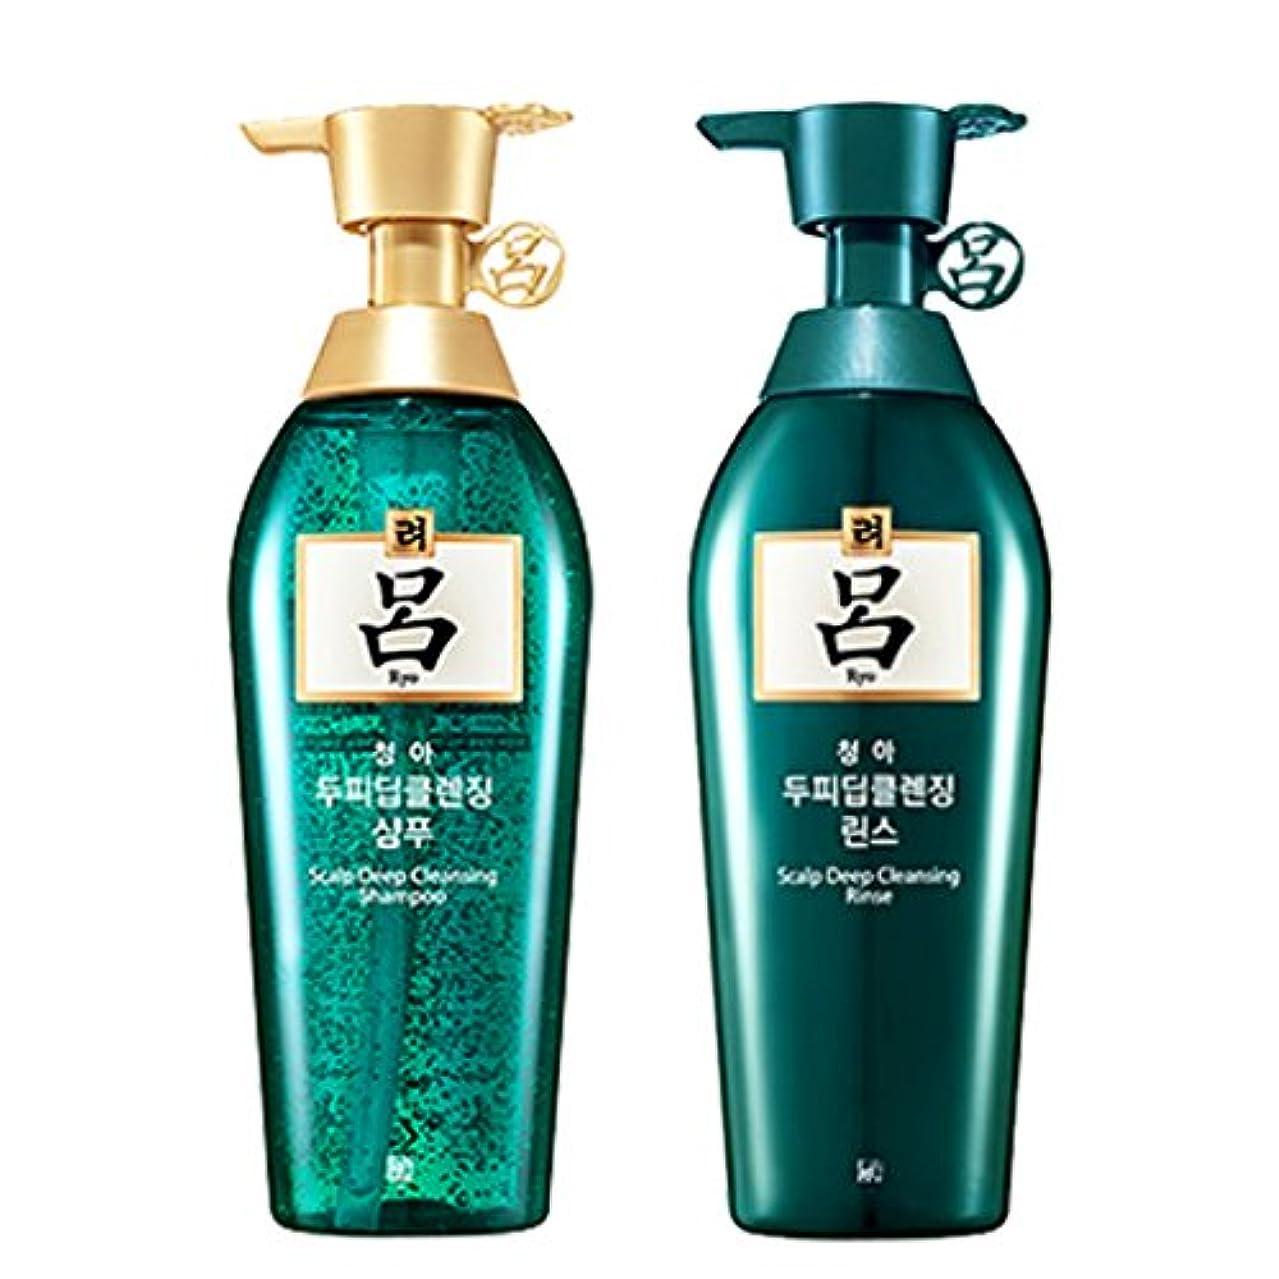 基礎通訳洗剤呂(リョ) 清雅 スカルプシャンプー+リンス 500ml